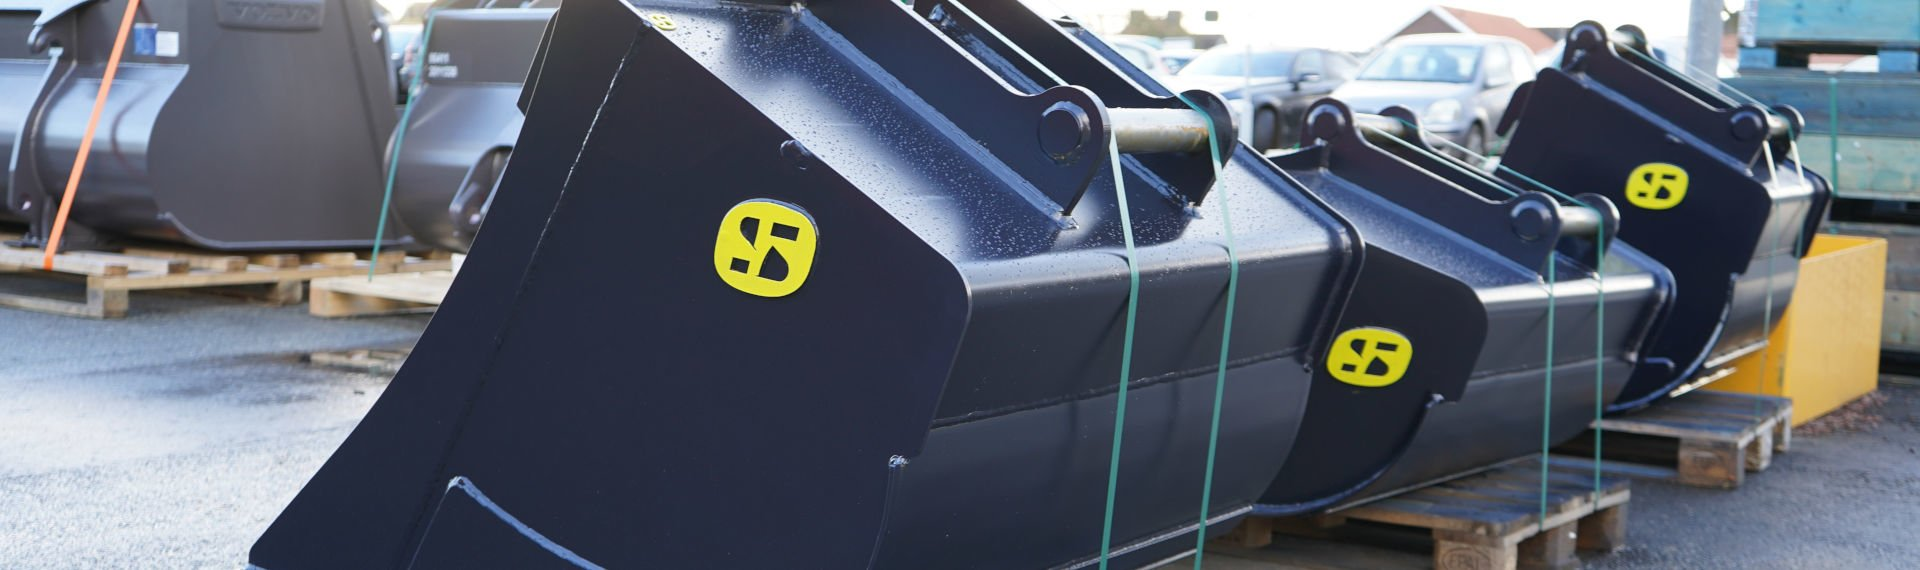 Cangilones para excavadoras, fabricados con Hardox® 500 Tuf, preparados para un duro día de trabajo